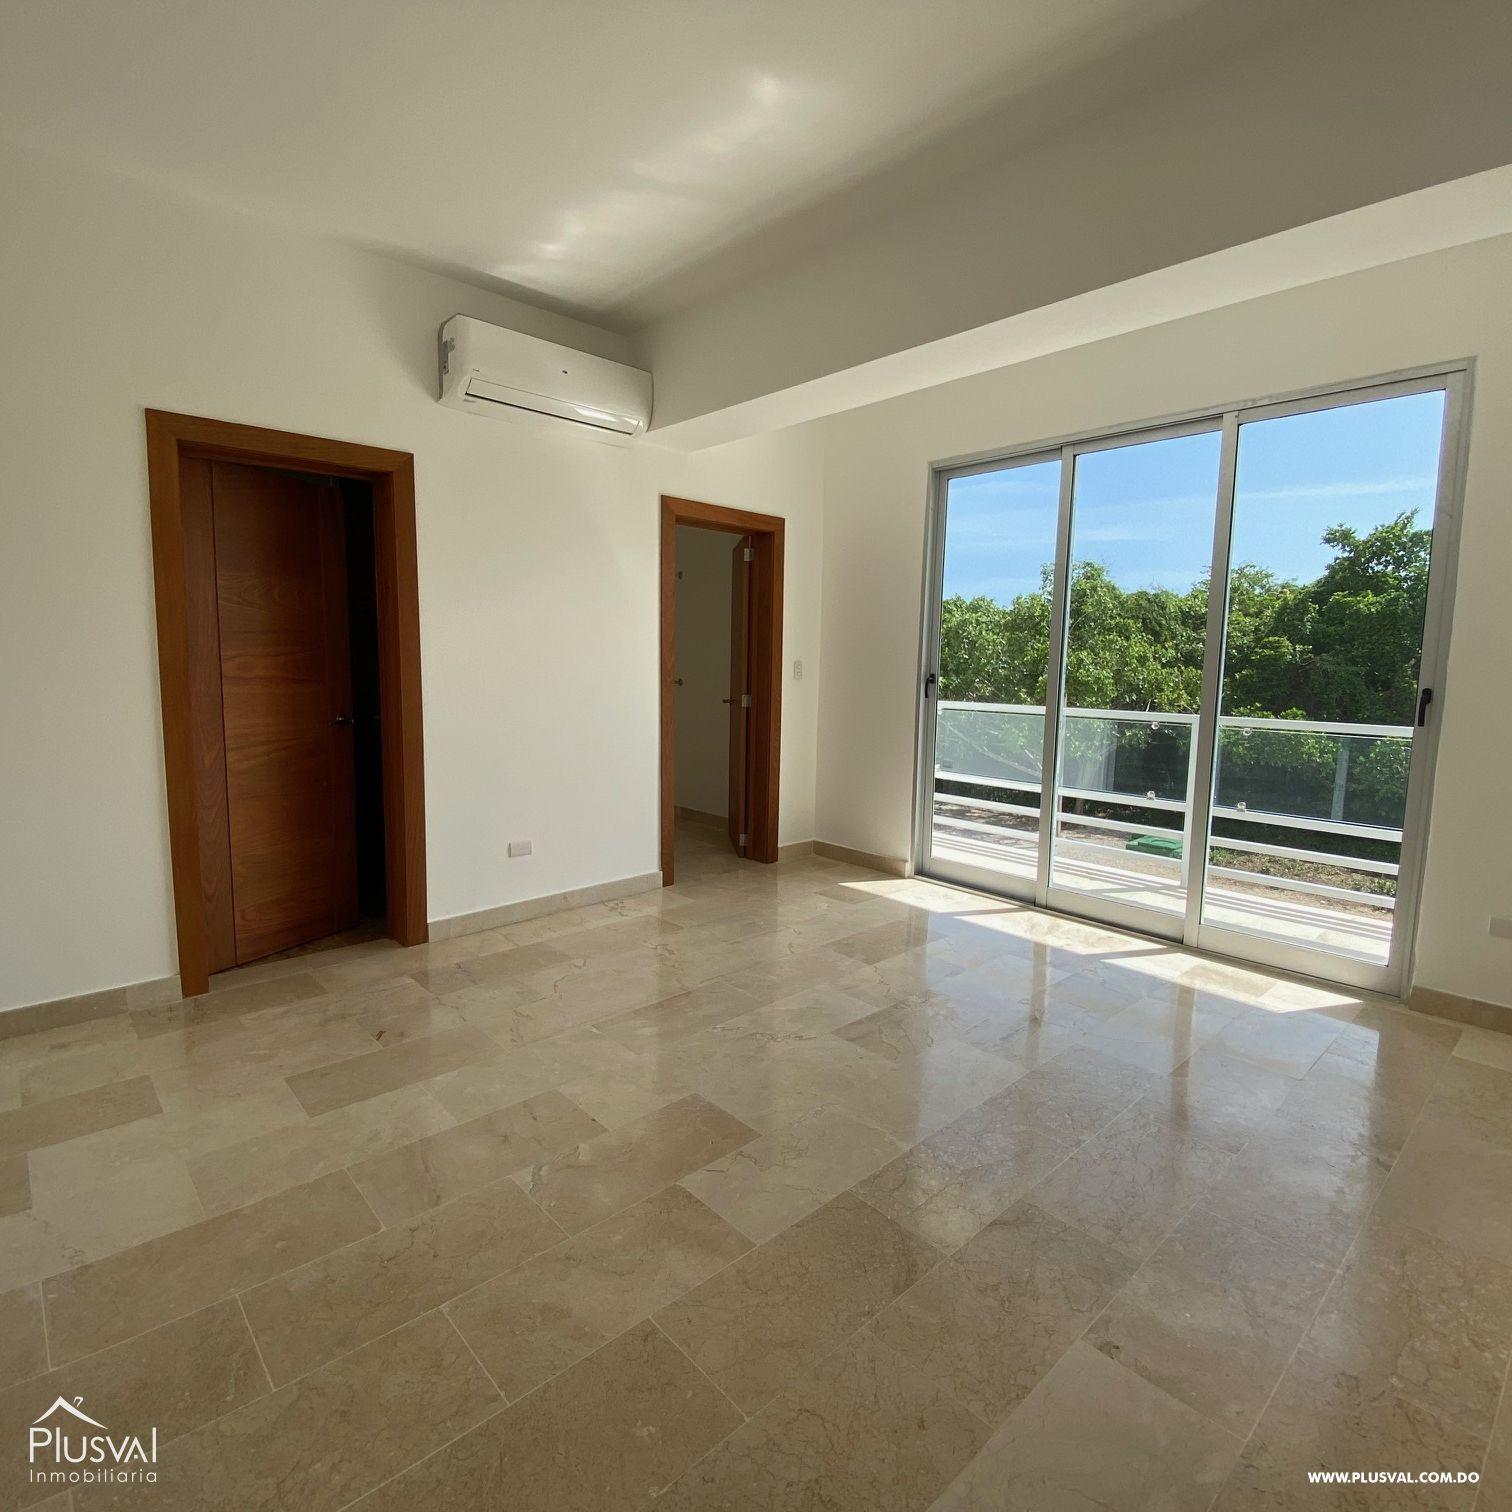 Apartamento en venta, en Puntacana Village 152478